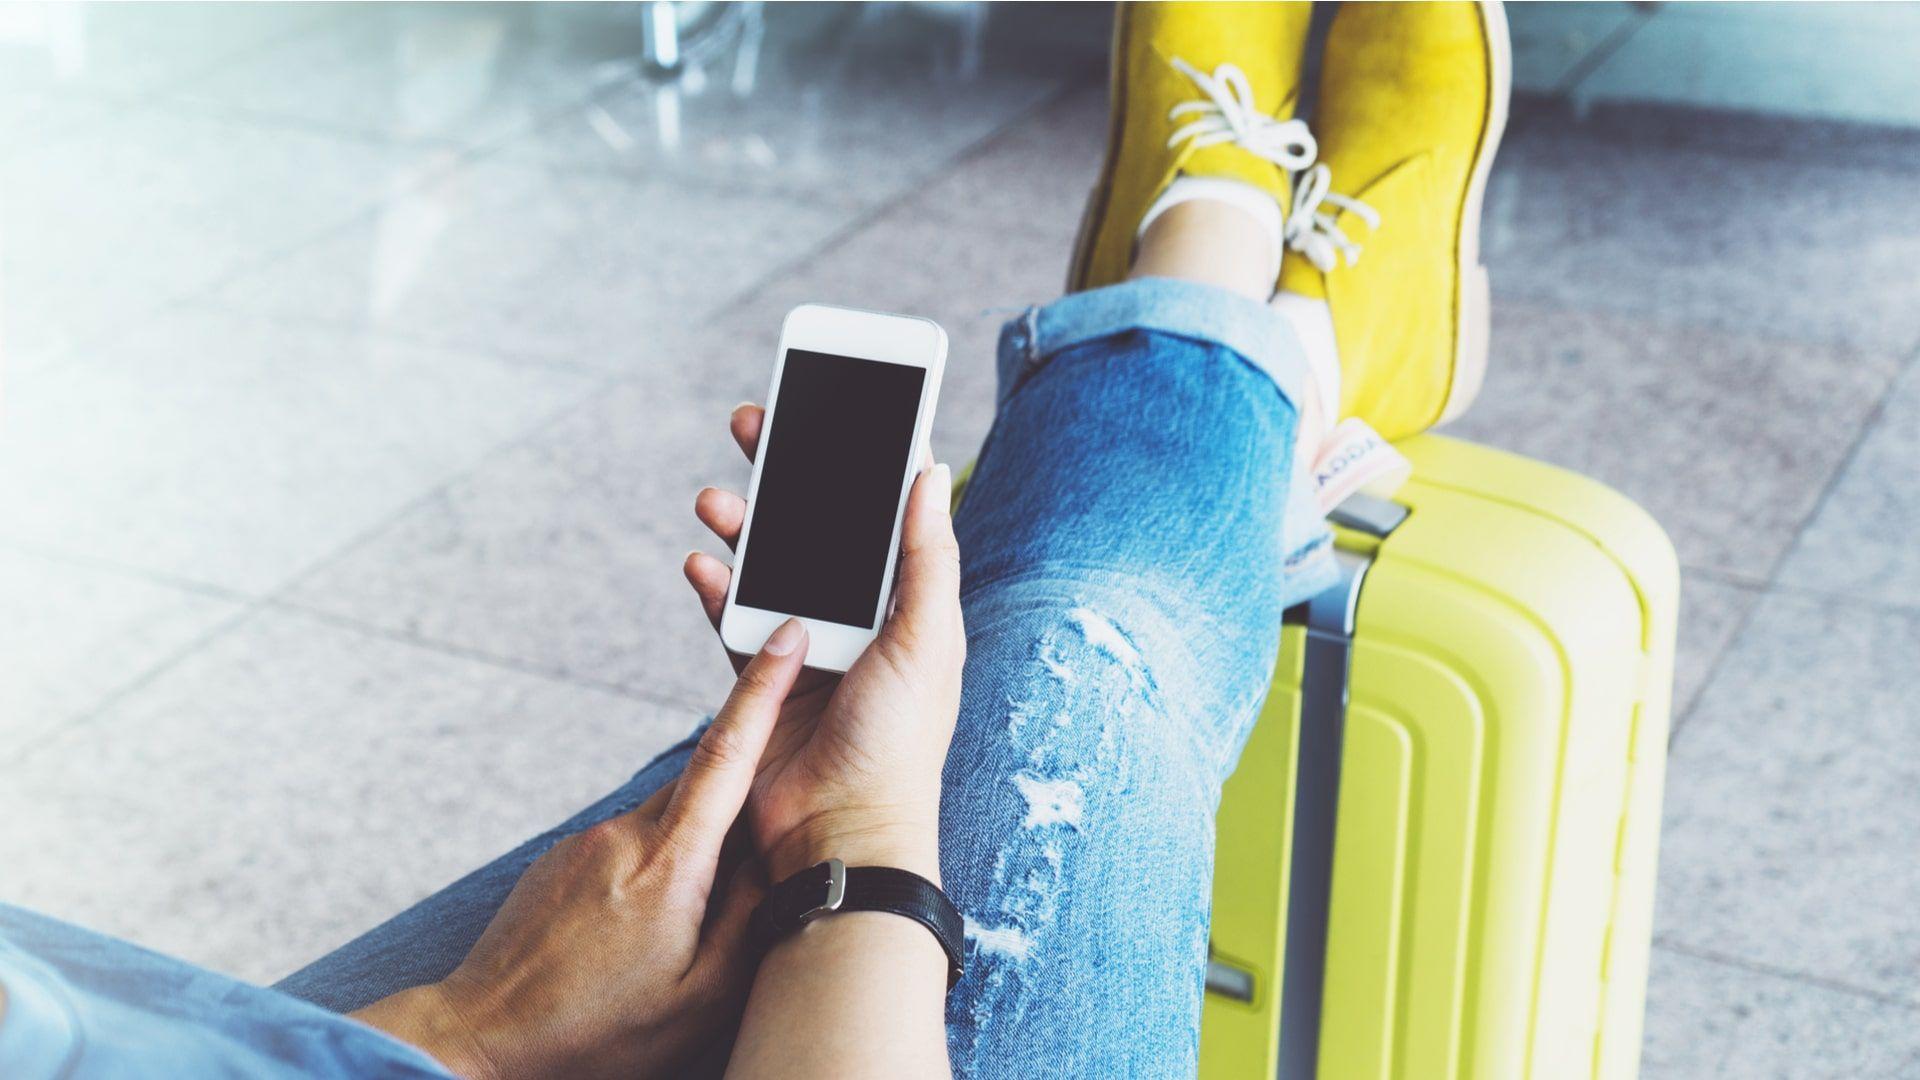 Antes de viajar, verifique como funciona o roaming com sua operadora (Foto: Shutterstock)